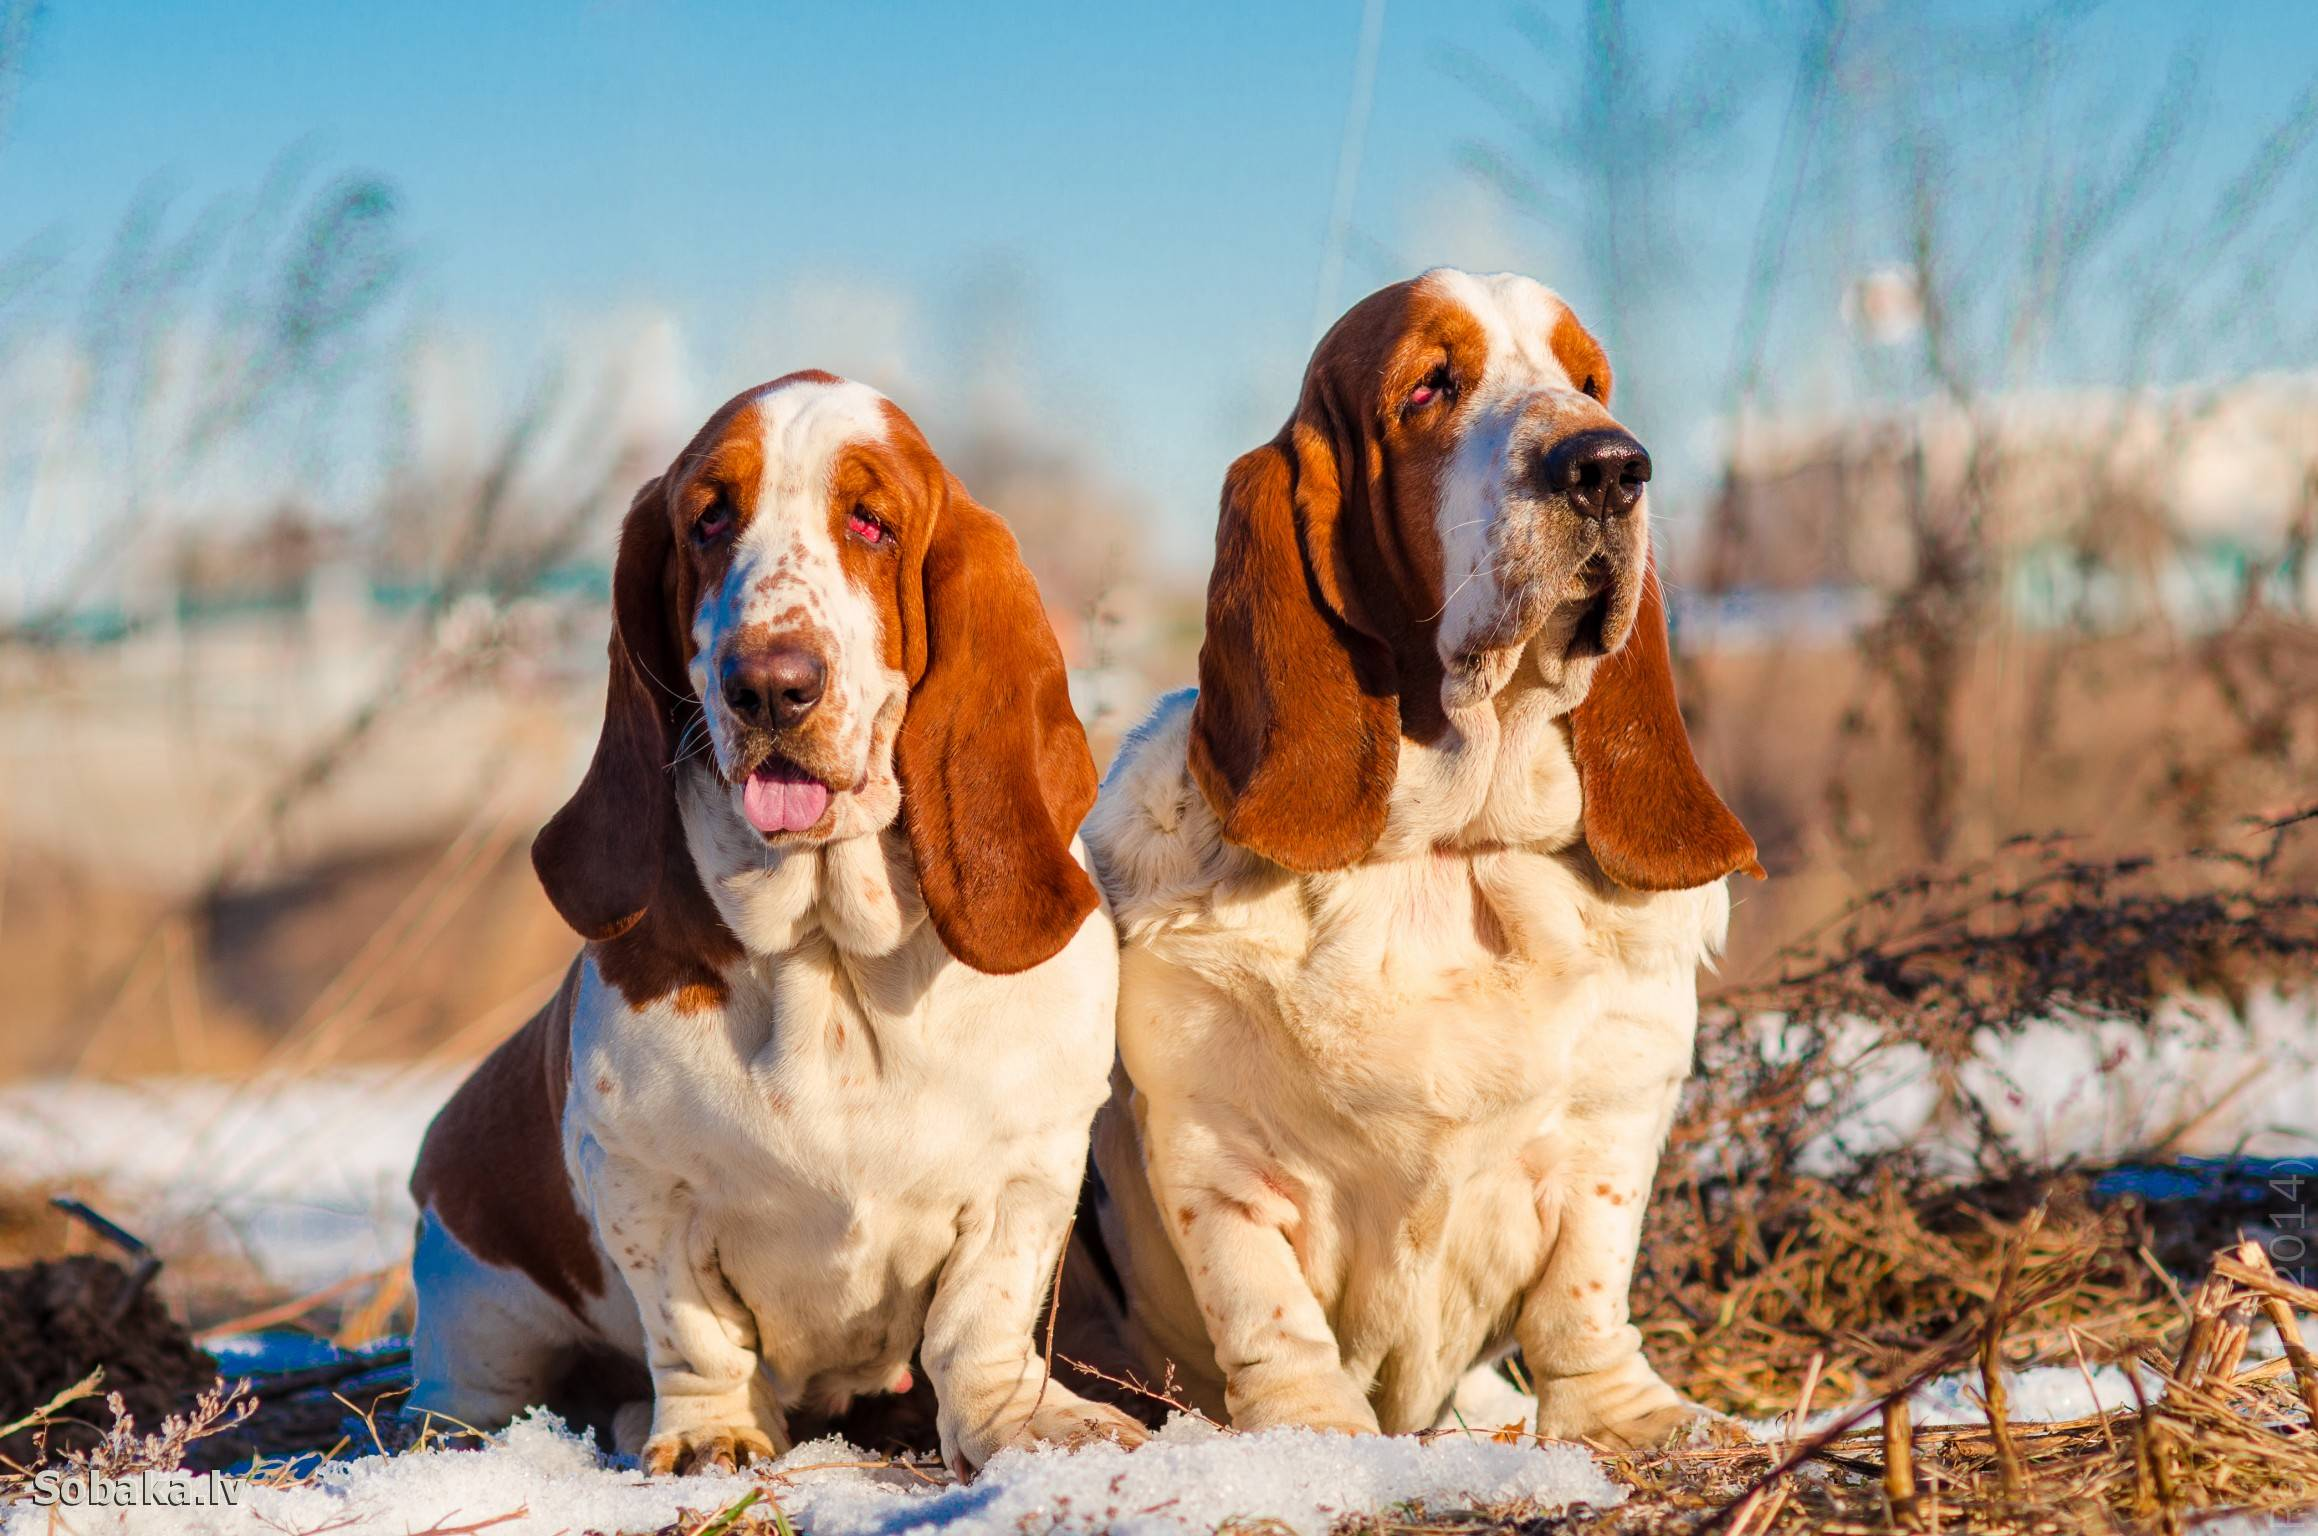 Бладхаунд собака. описание, особенности, уход и цена бладхаунда   животный мир